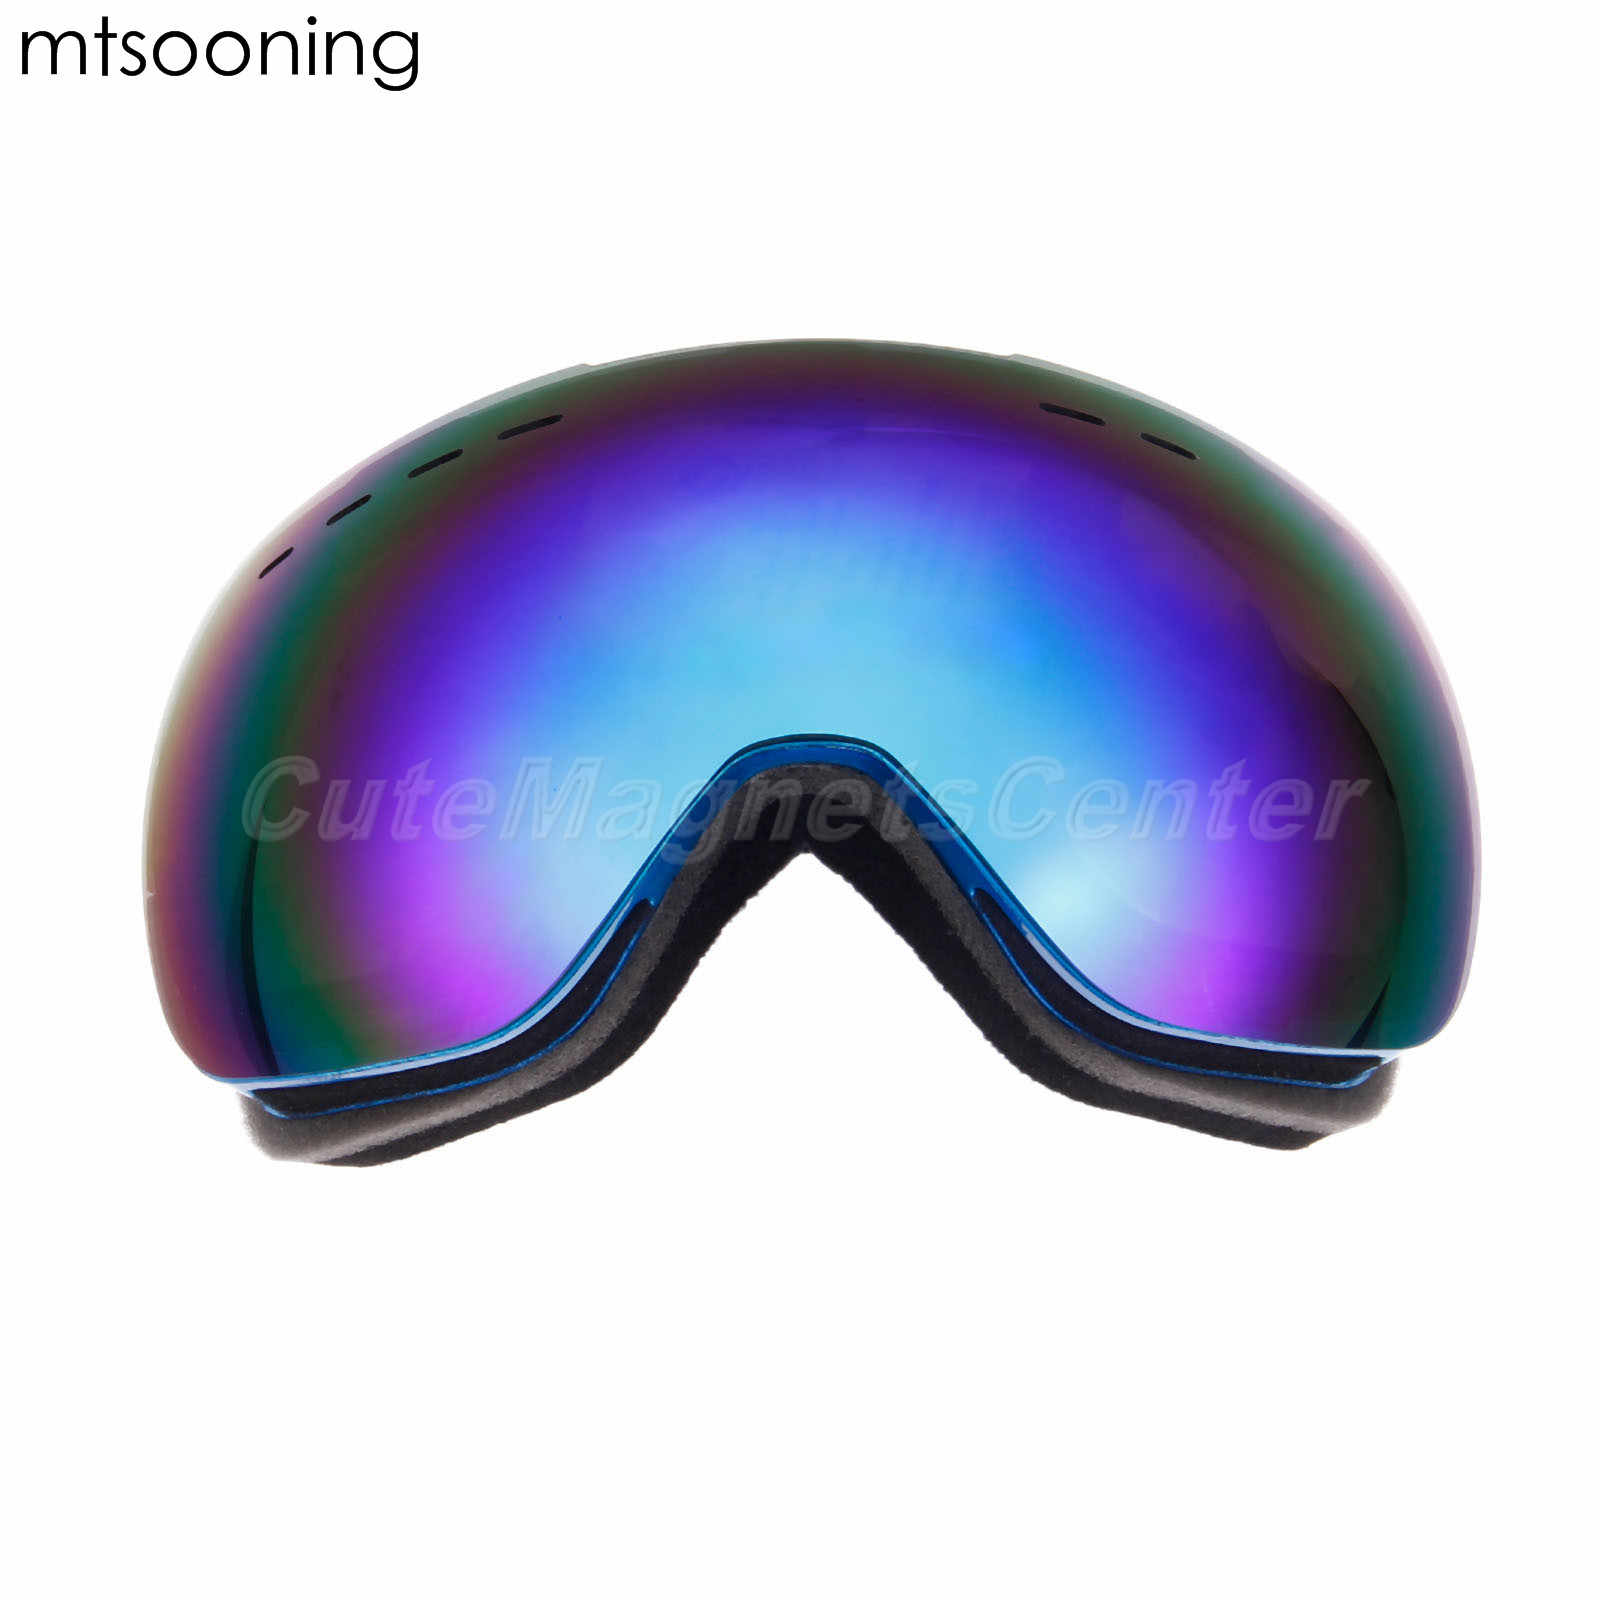 Mtsooning Kacamata Ski Pria Wanita Snowboard Kacamata Kacamata untuk Ski UV400 Perlindungan Ski Salju Kacamata Anti-Kabut Topeng Ski